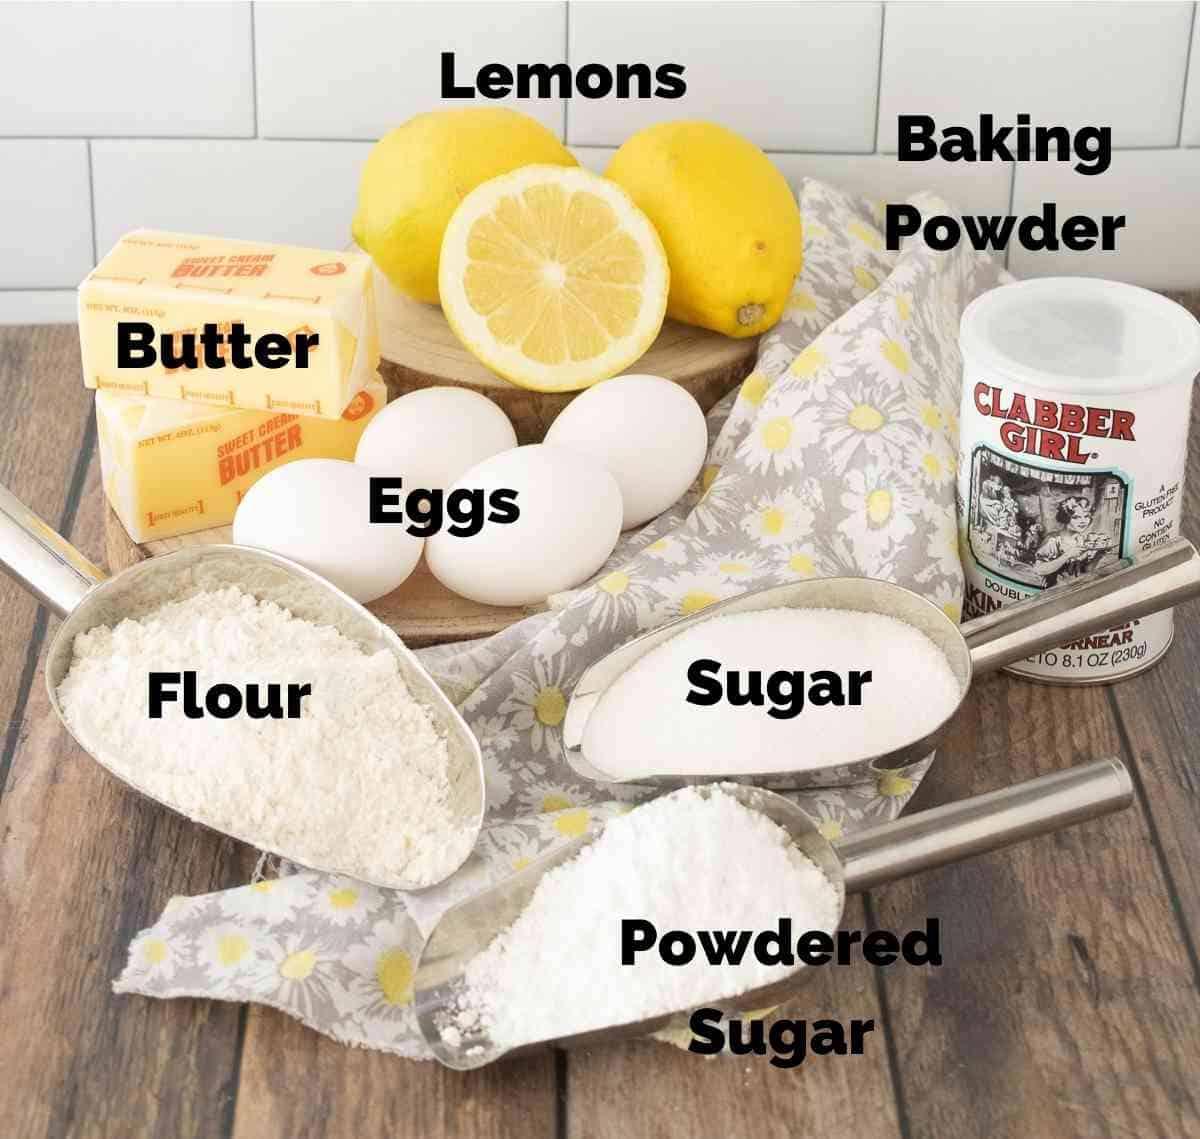 Ingredients for lemon bars.